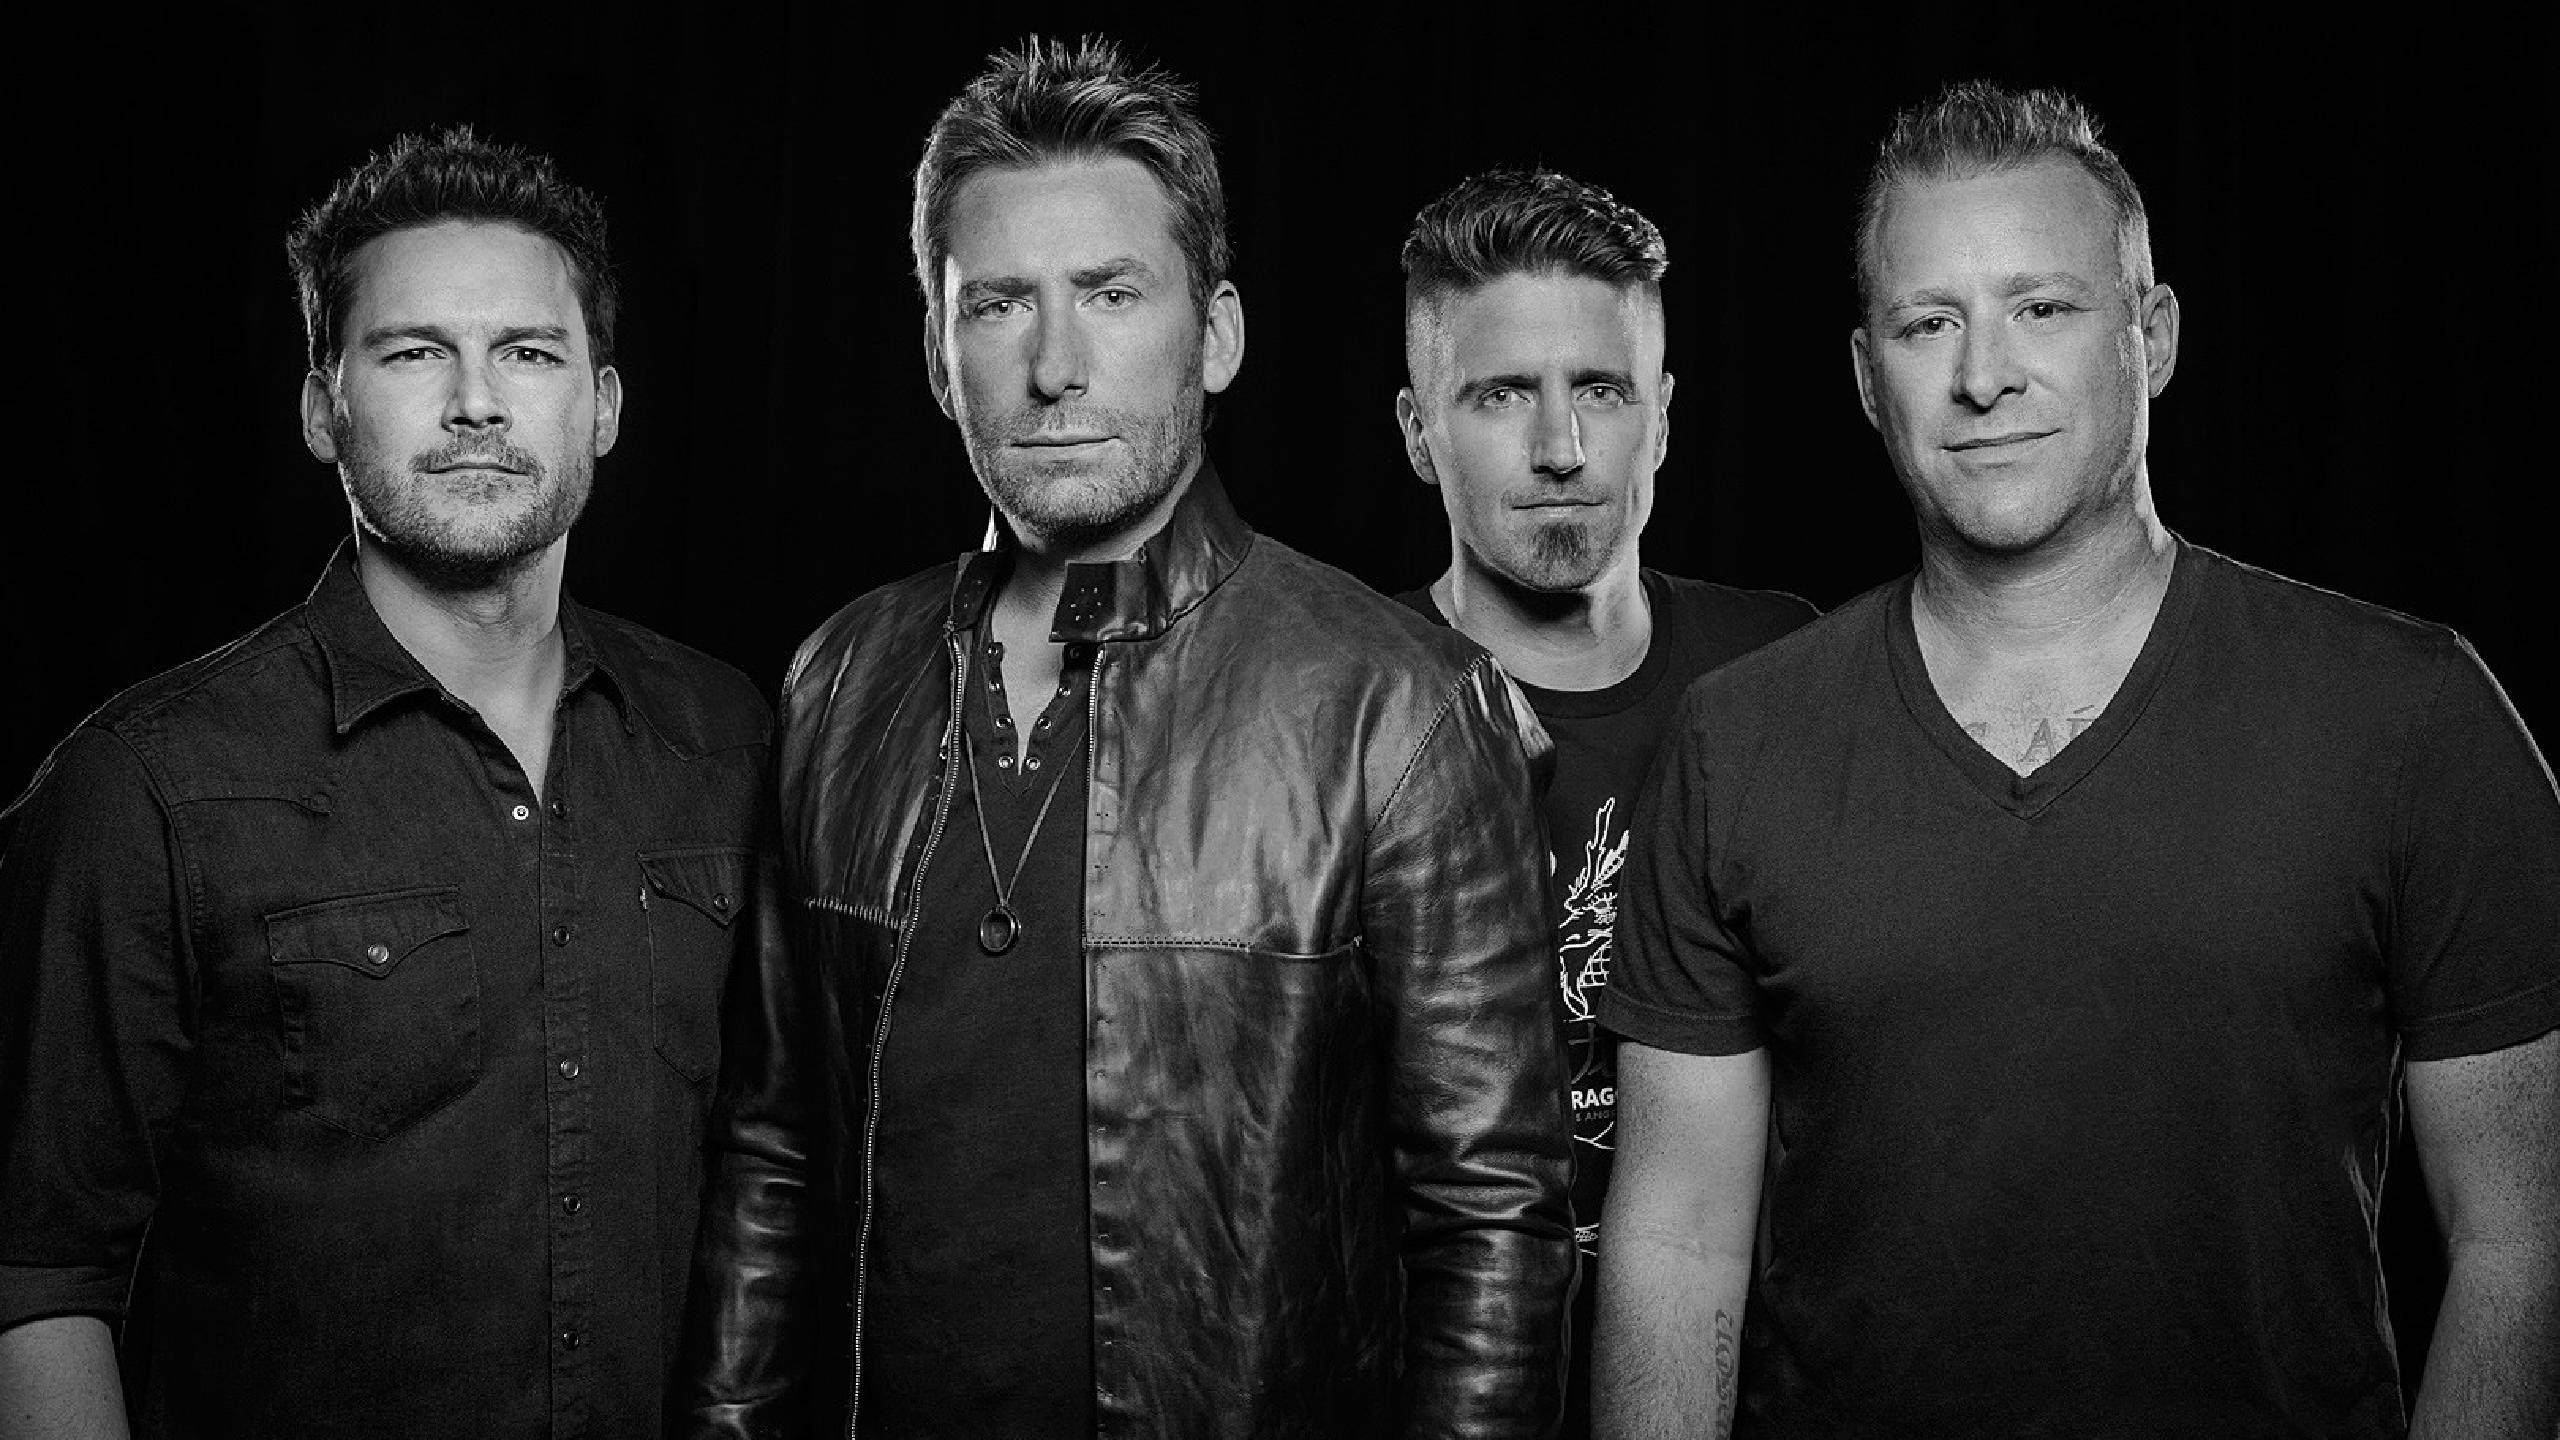 Nickelback fechas de gira 2021 2022. Nickelback entradas y conciertos |  Wegow España